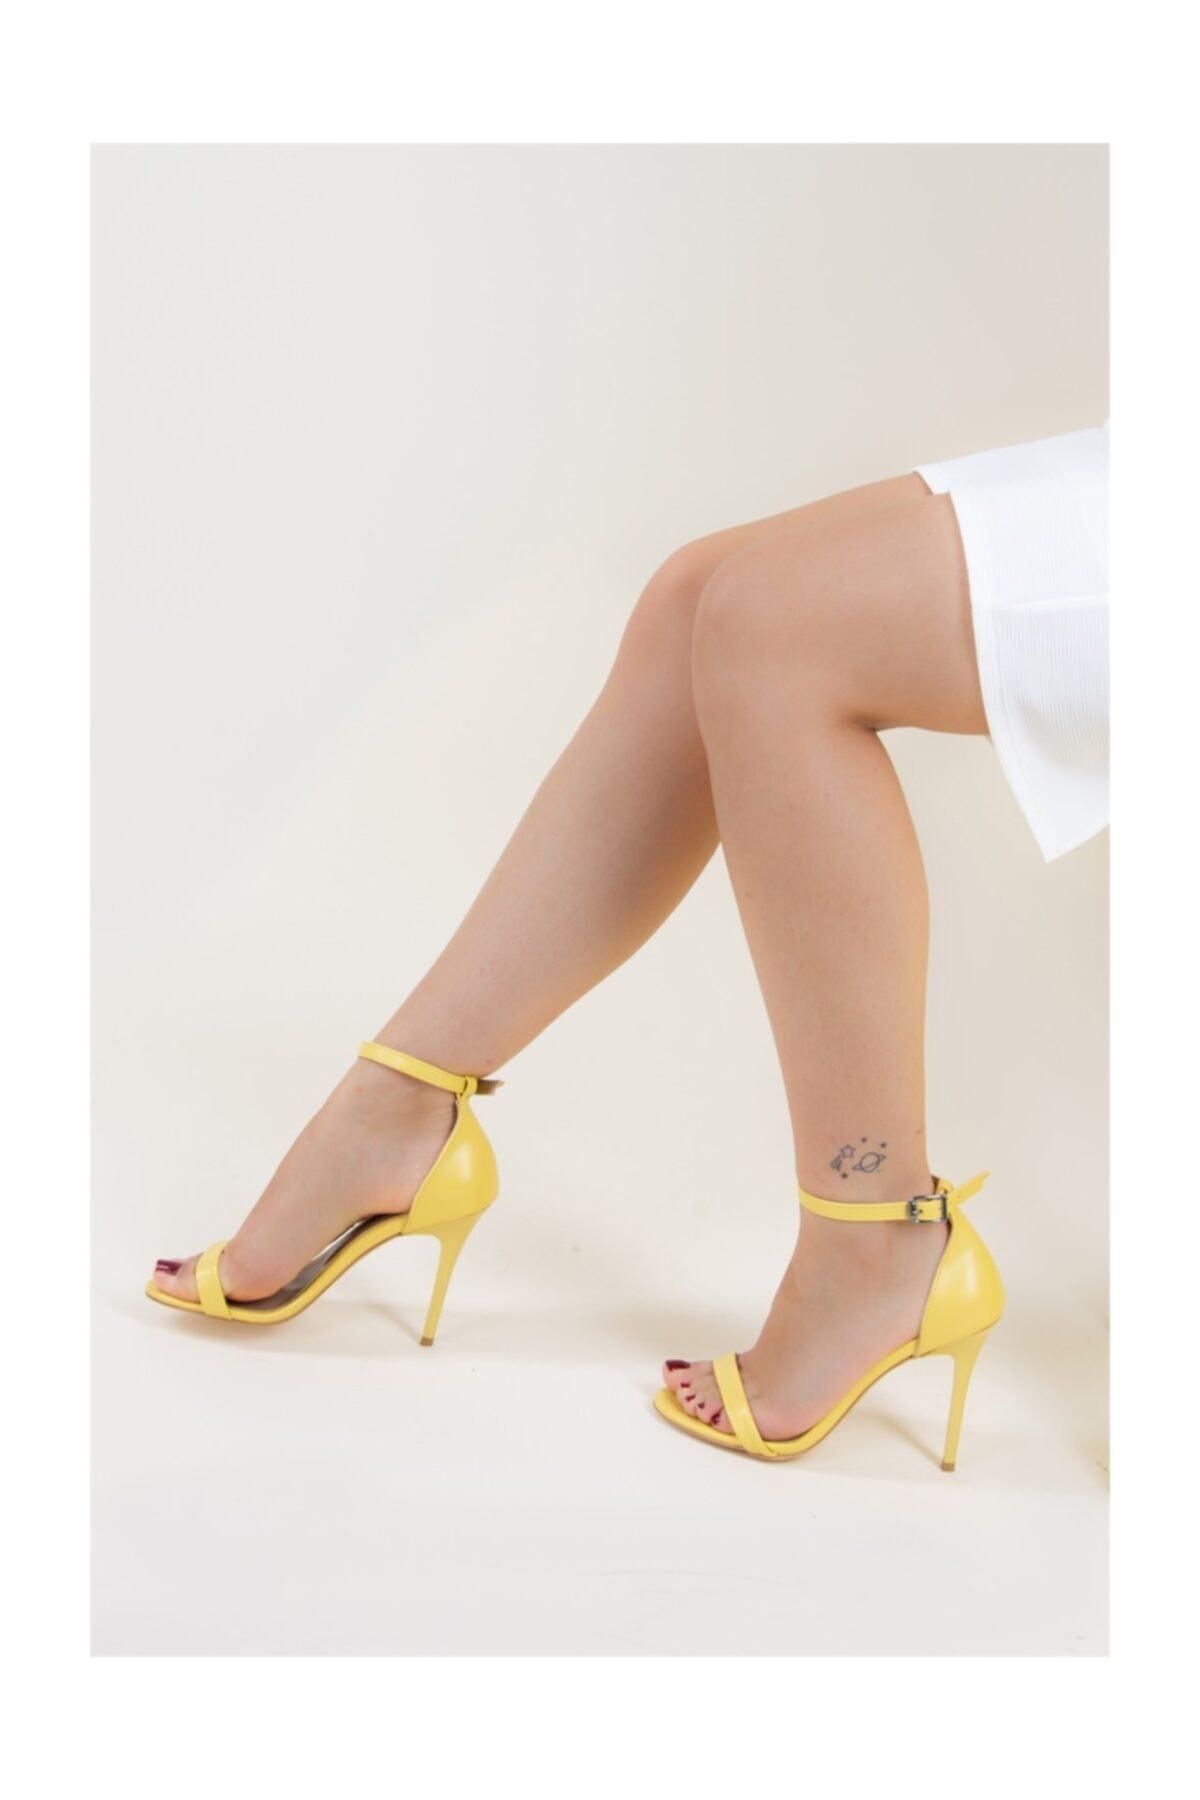 Fox Shoes Sarı Kadın Topuklu Ayakkabı B922112609 2